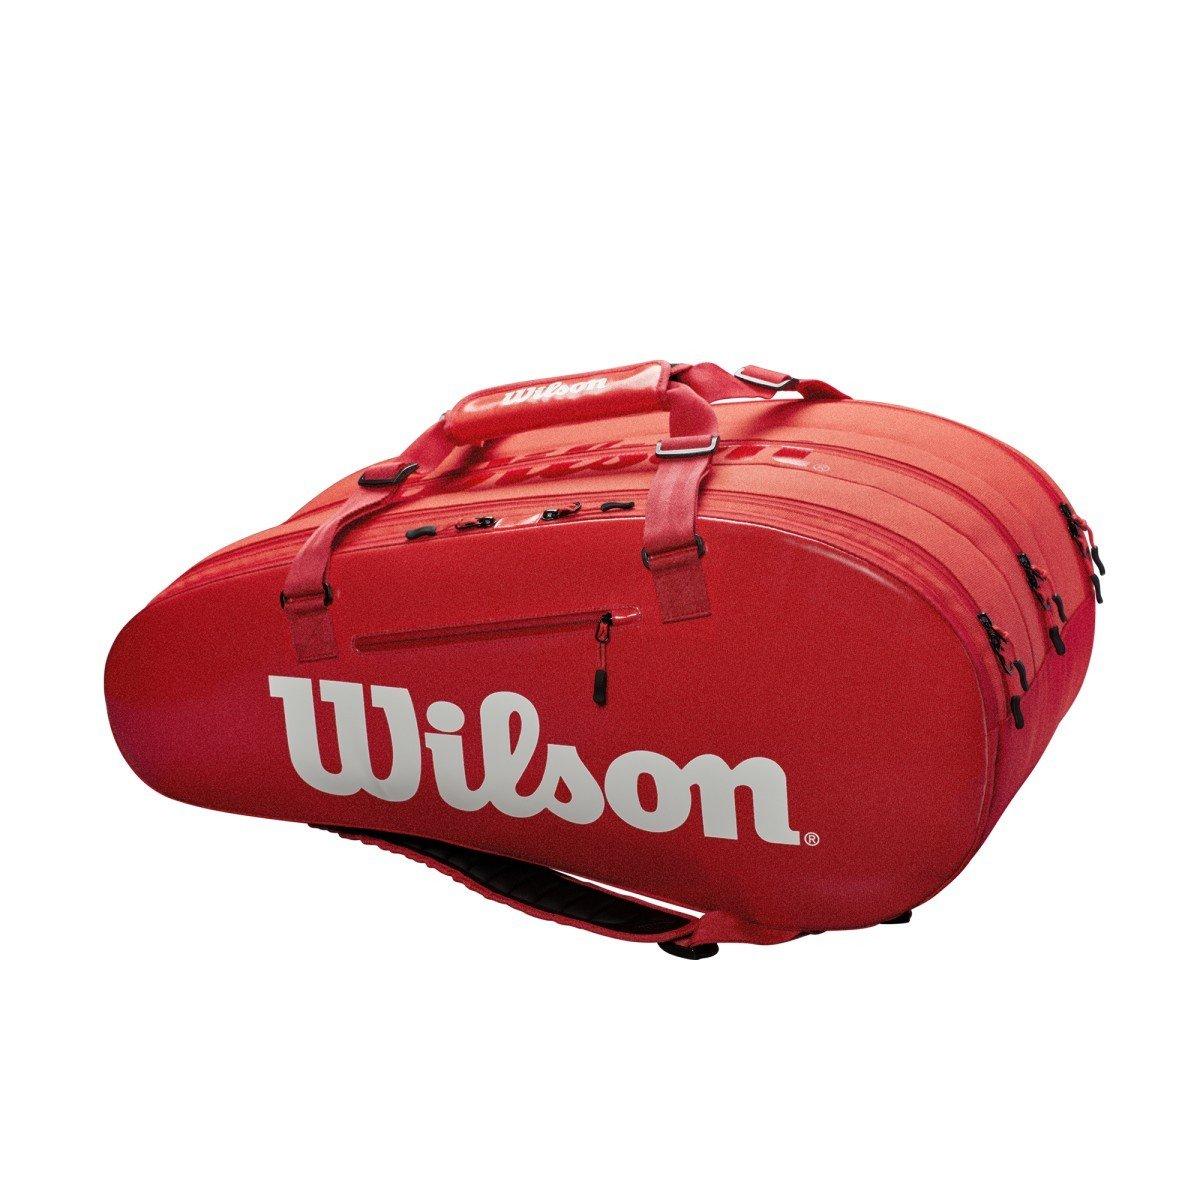 Wilson Tennis Bag – Super Tour 3-Compartment